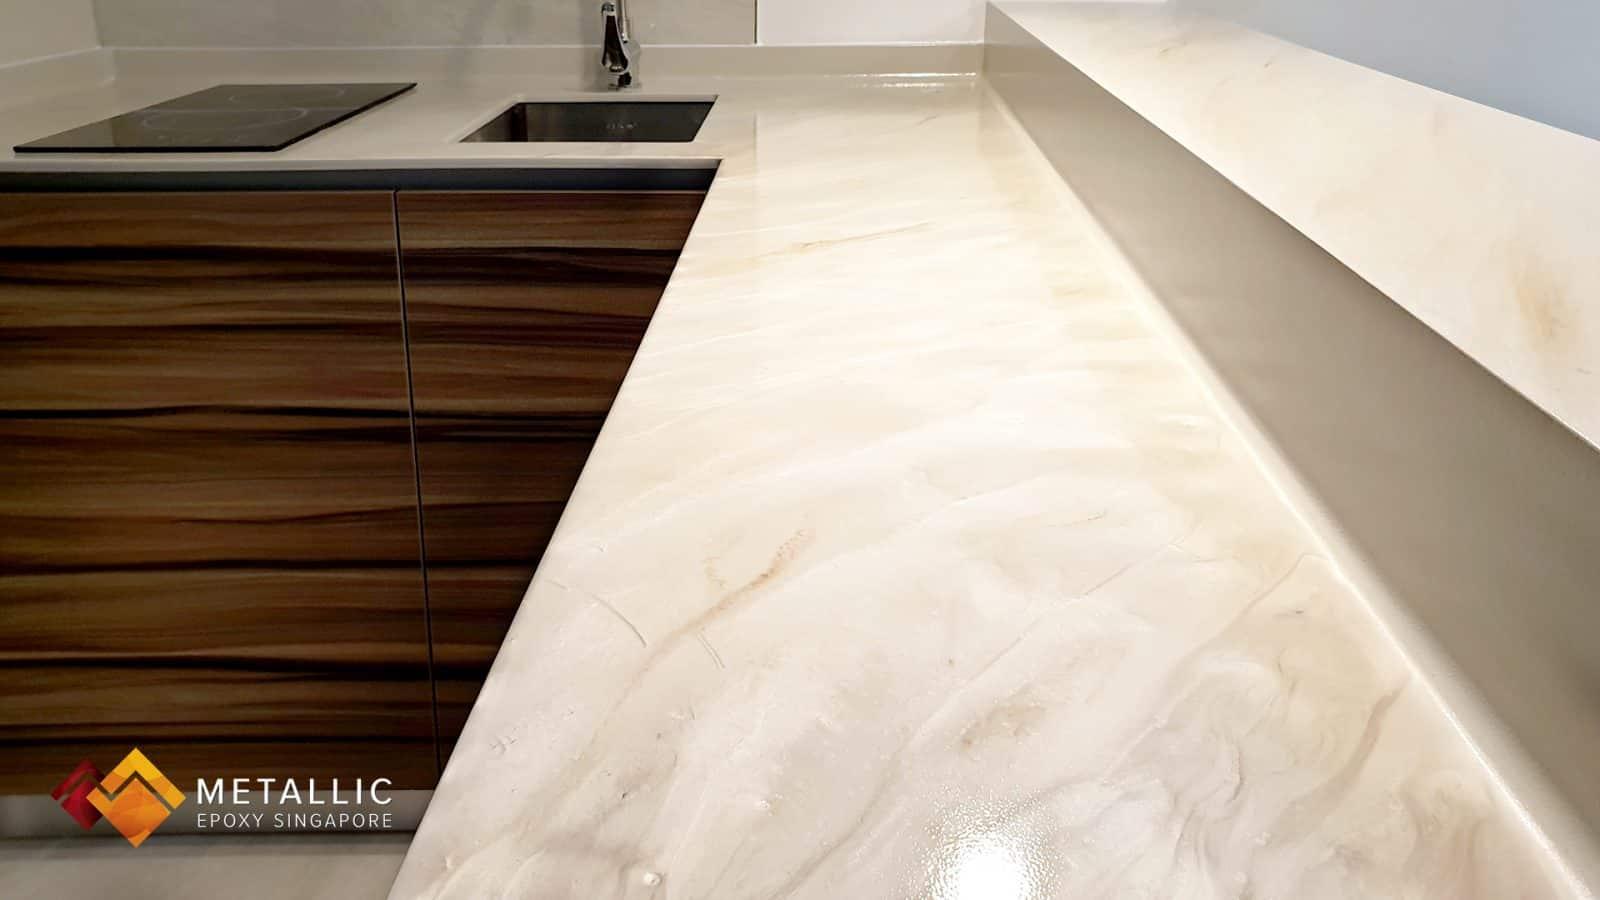 Metallic Epoxy Singapore Natural Stone Marble Countertop